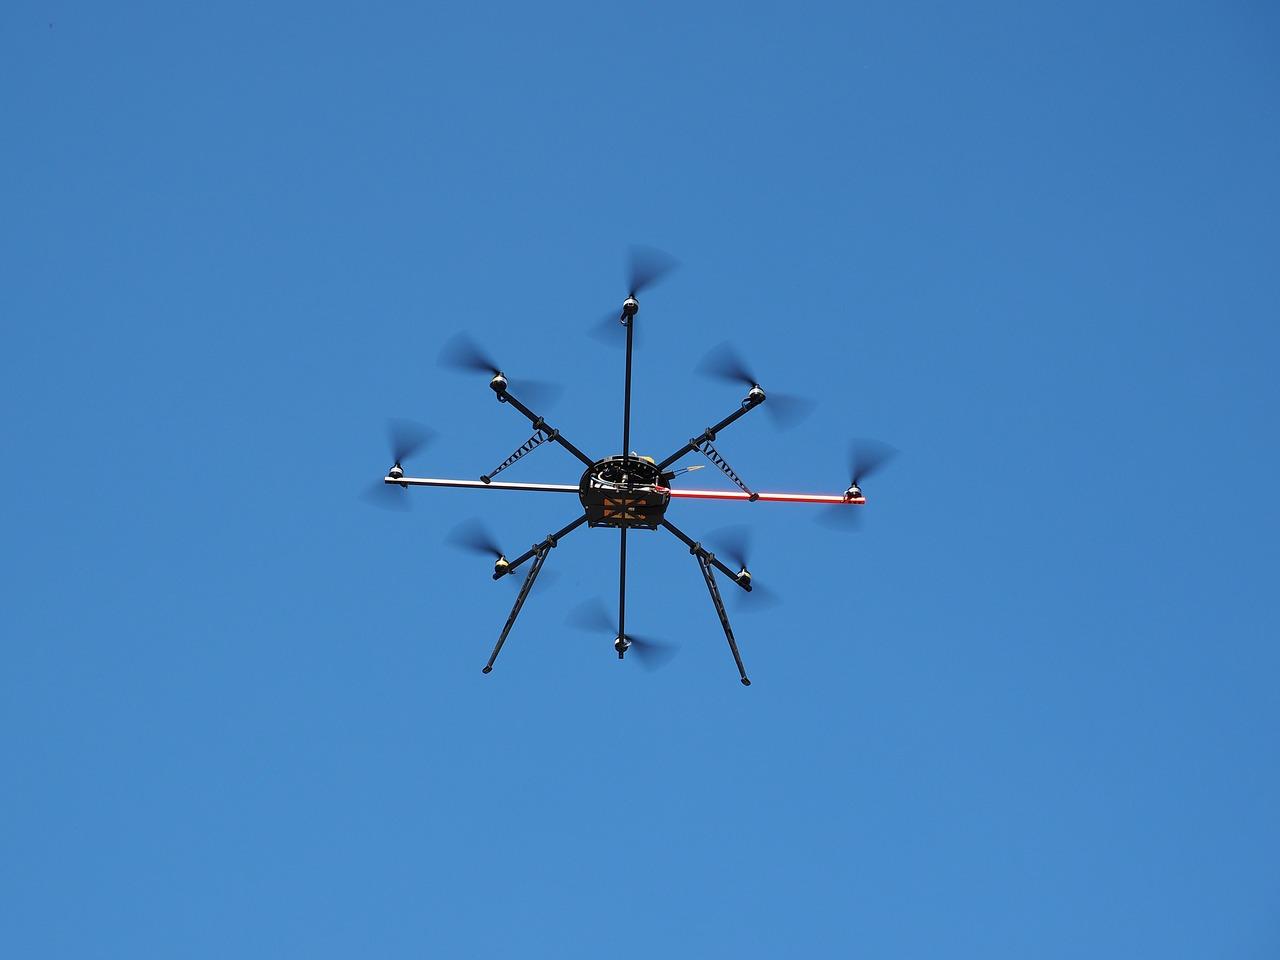 drone-592222_1280